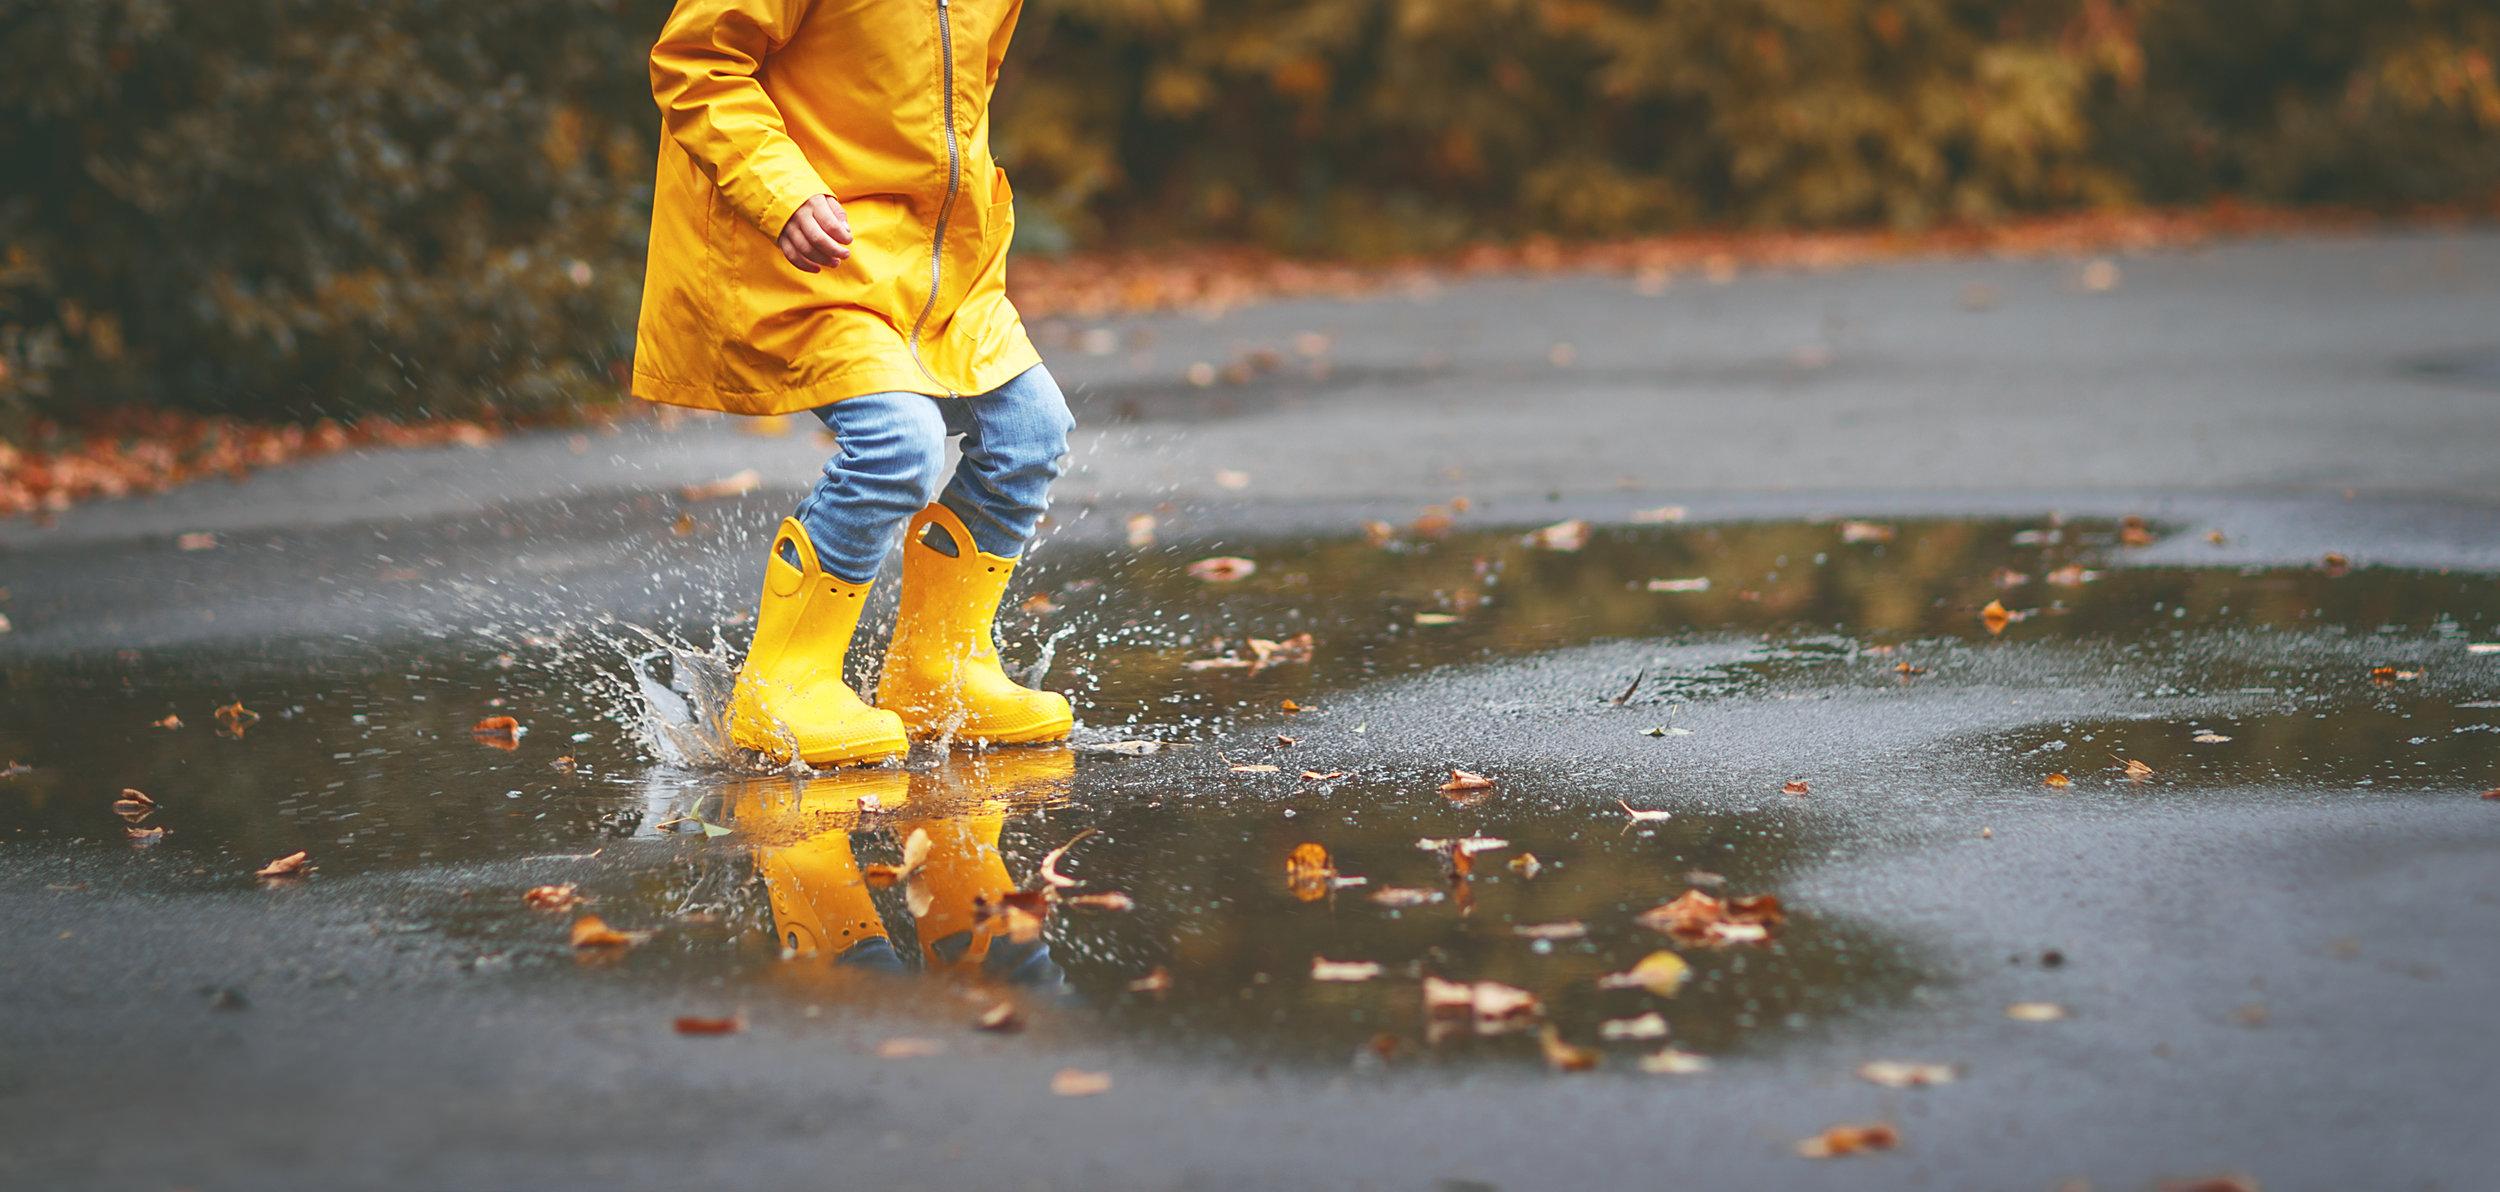 2010-01-11_puddle_jump.jpg